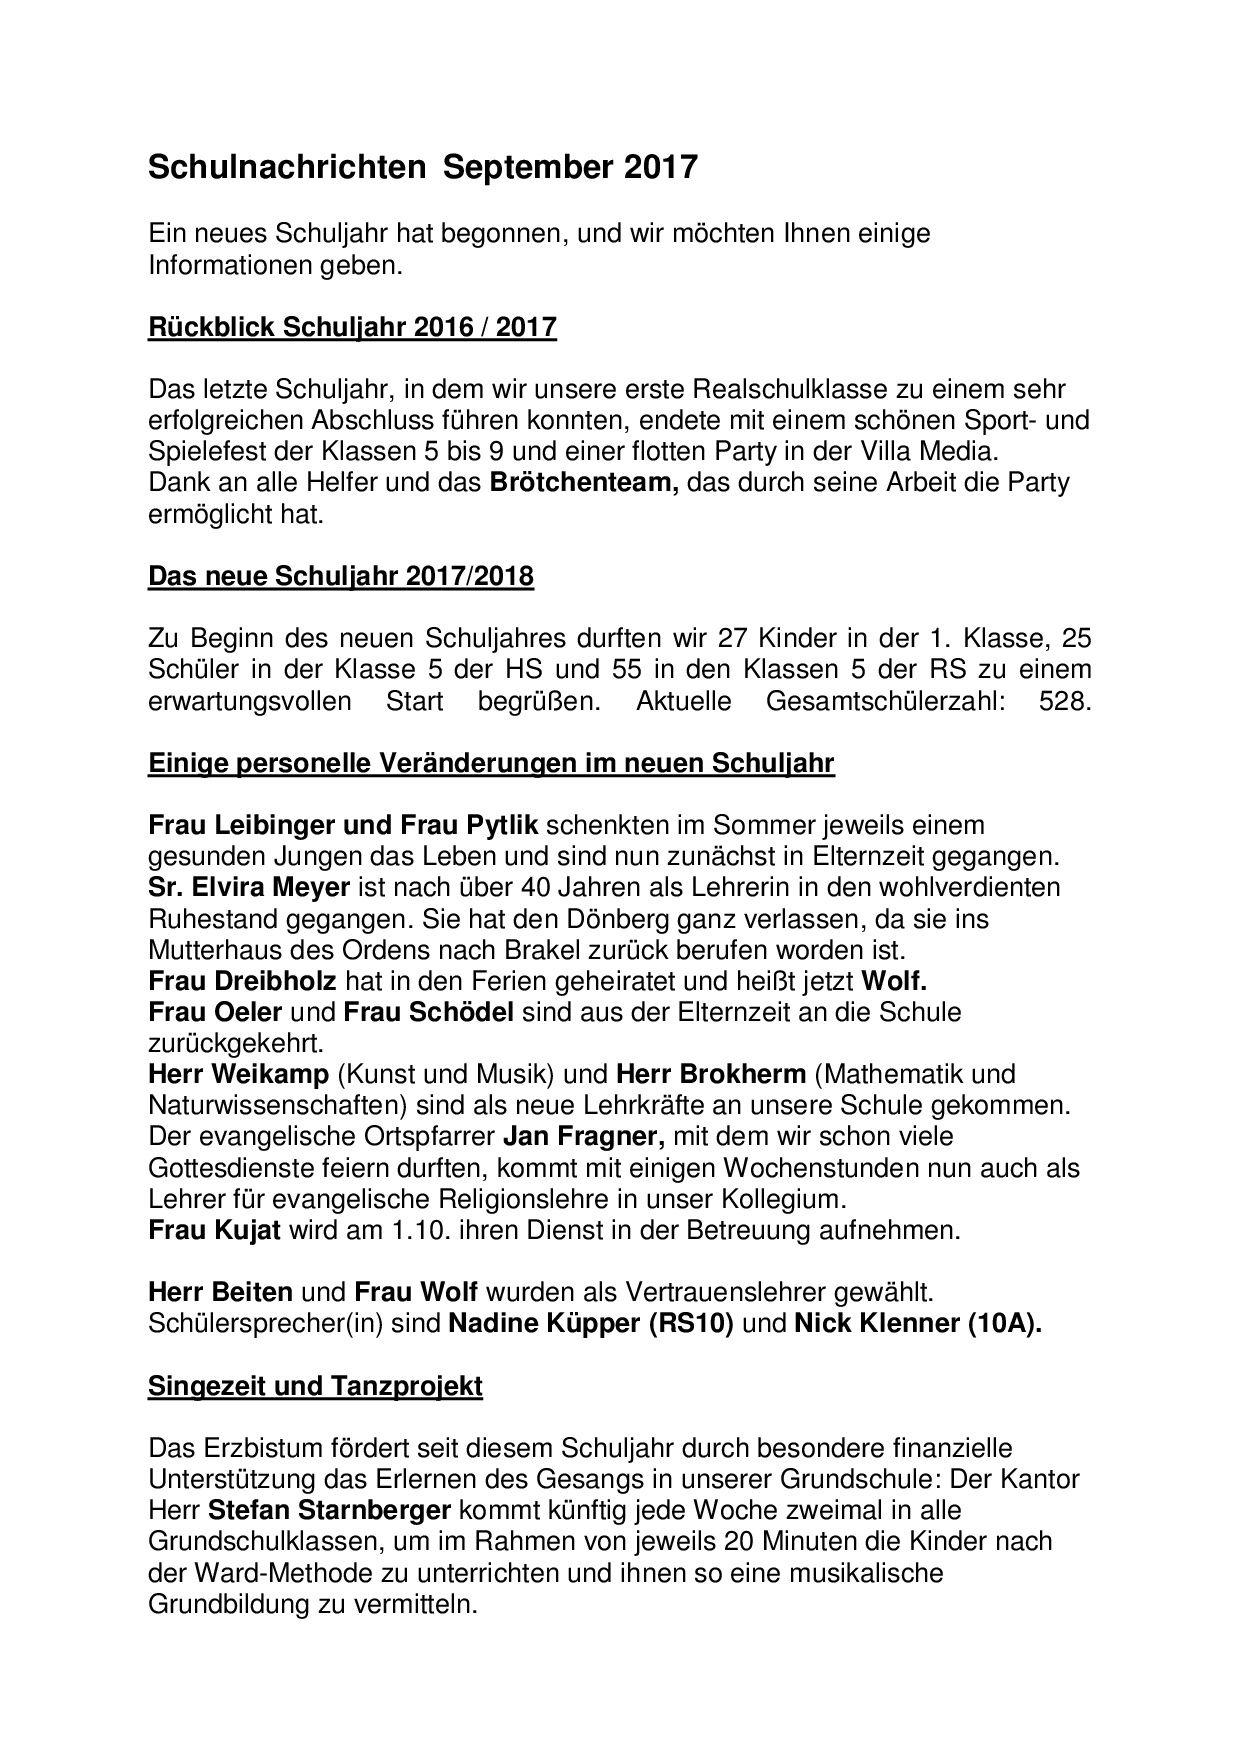 Schulnachrichten - Tagesschule Dönberg -